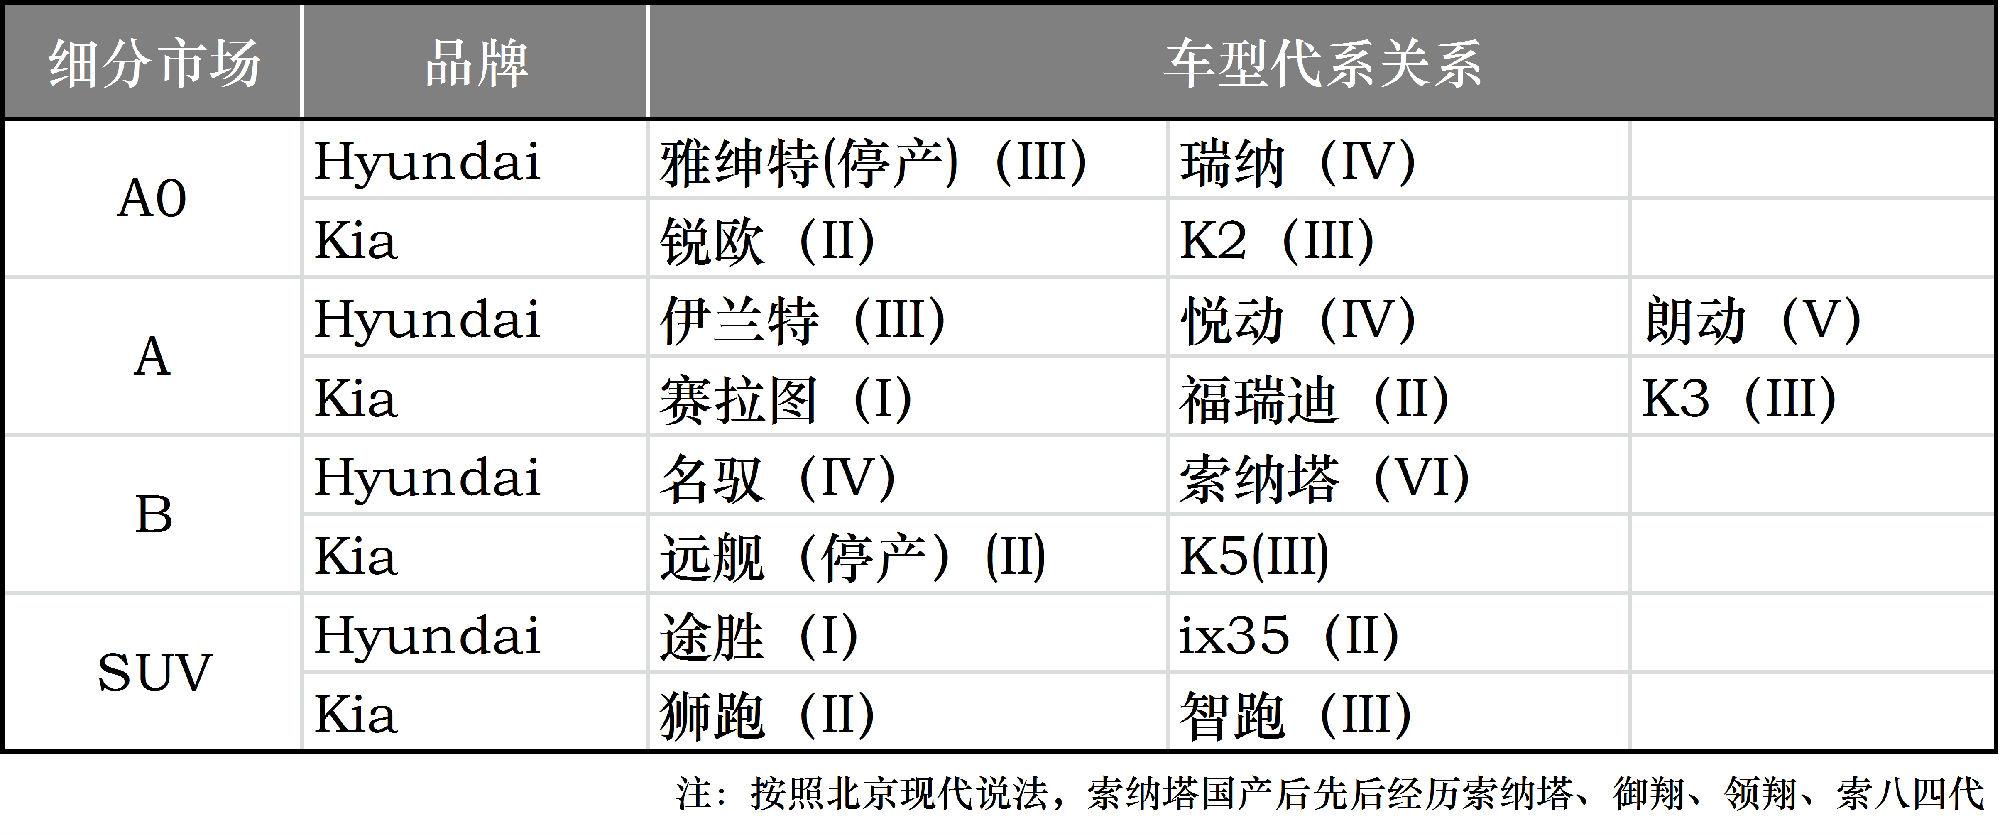 """现代起亚""""双品牌""""中国玩法:吮指原味or黄金脆皮?"""